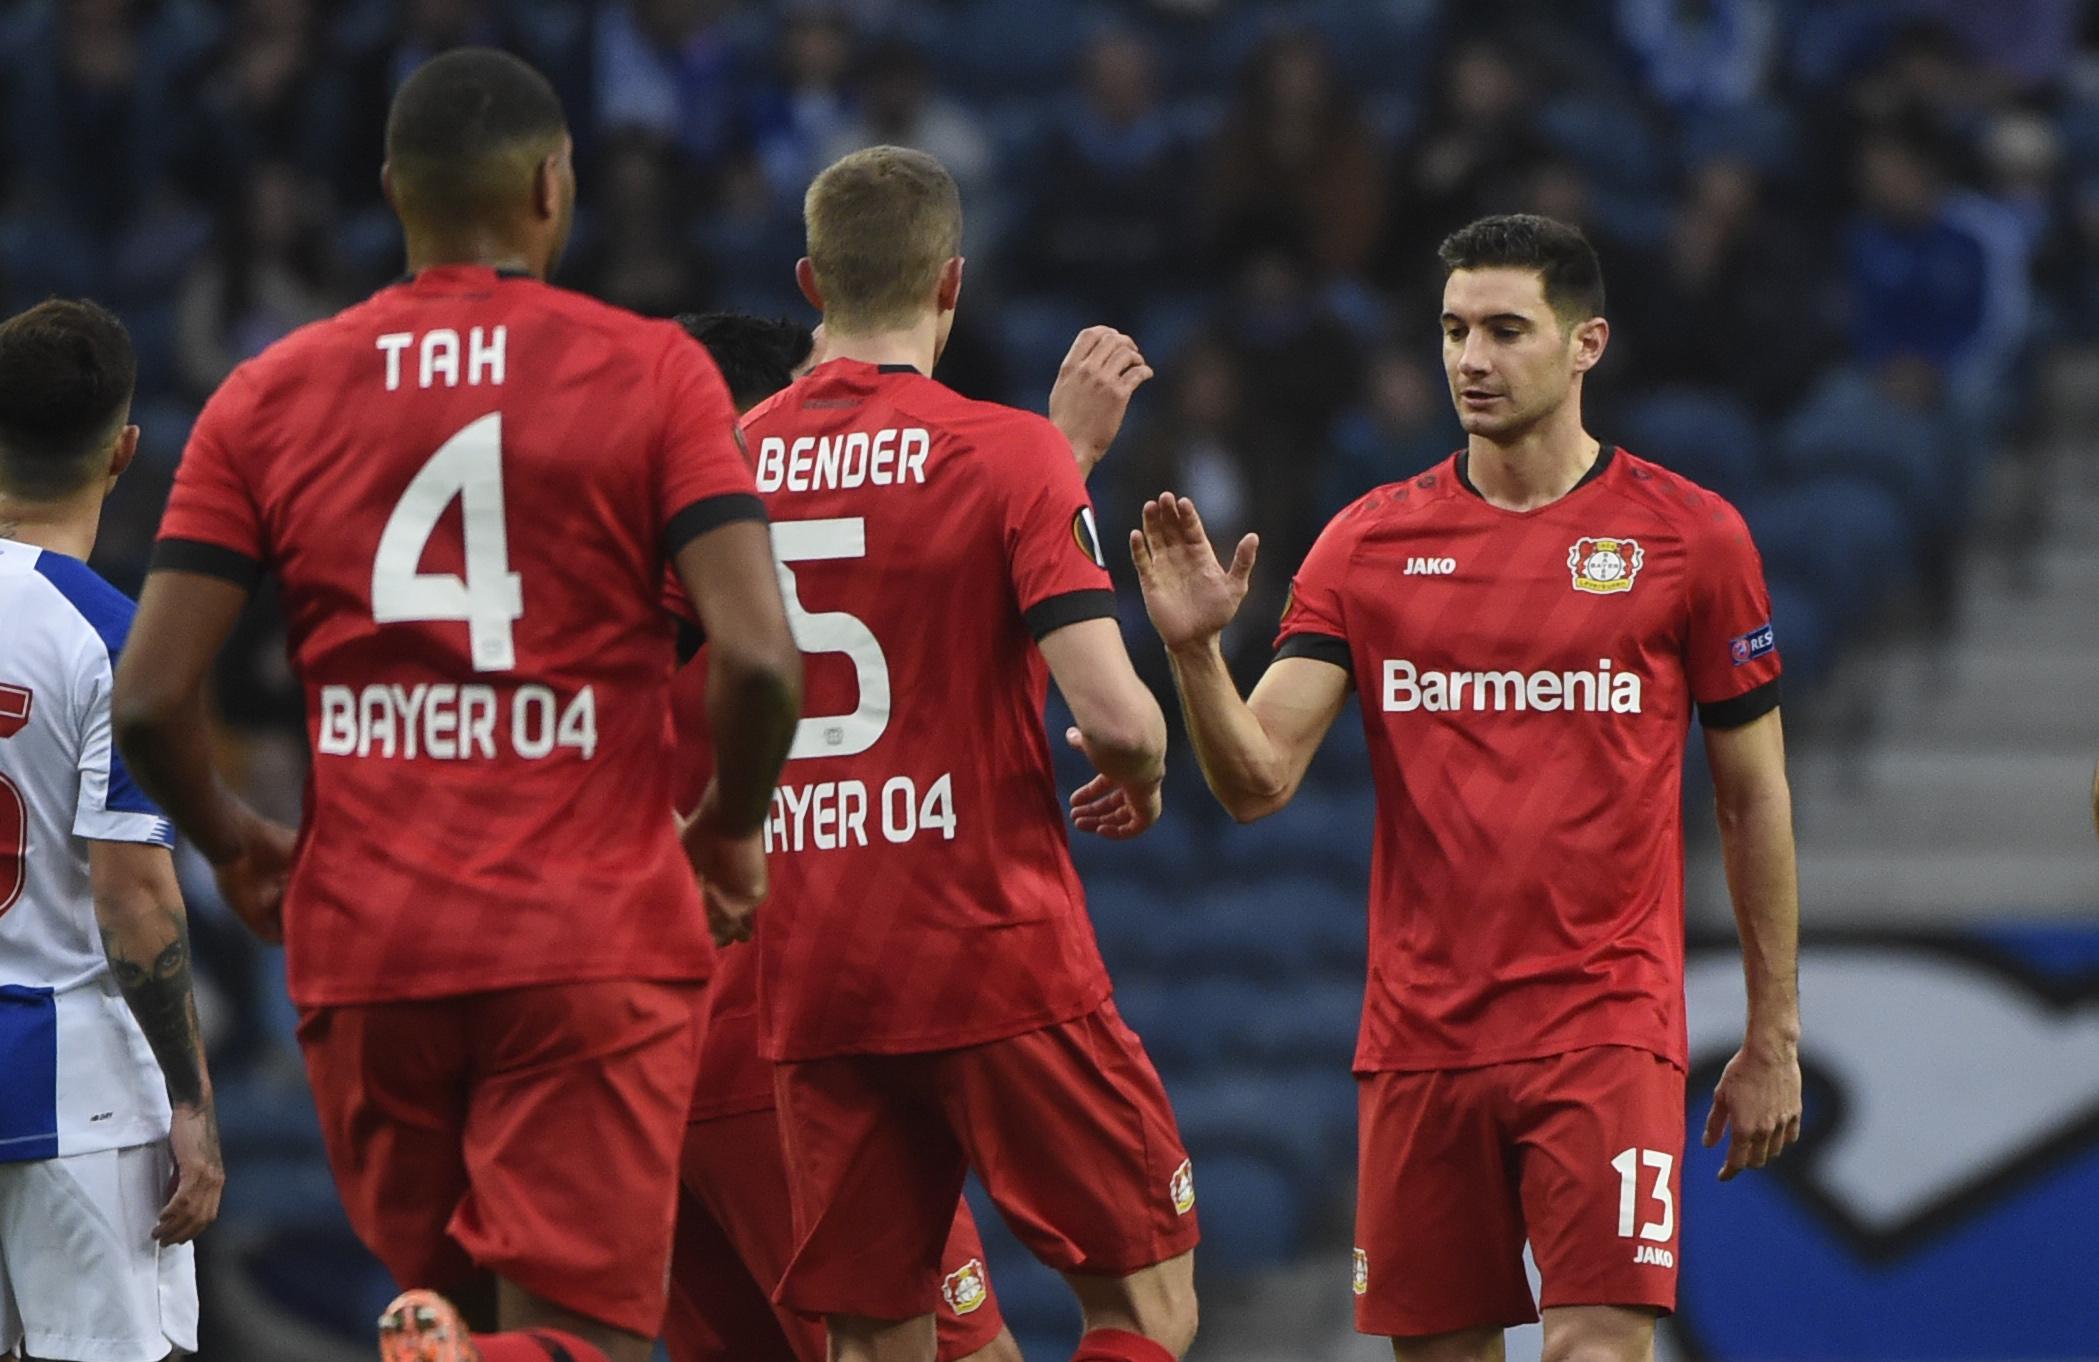 تشكيلة باير ليفركوزن,تشكيلة في الدوري الألماني,تشكيلة باير ليفركوزن ضد فرايبورج,تشكيلة باير ليفركوزن vs فرايبورج,تشكيلة باير ليفركوزن في مواجهة فرايبورج,تشكيلة باير ليفركوزن ضد فرايبورج,ليفركوزن ضد فرايبورج